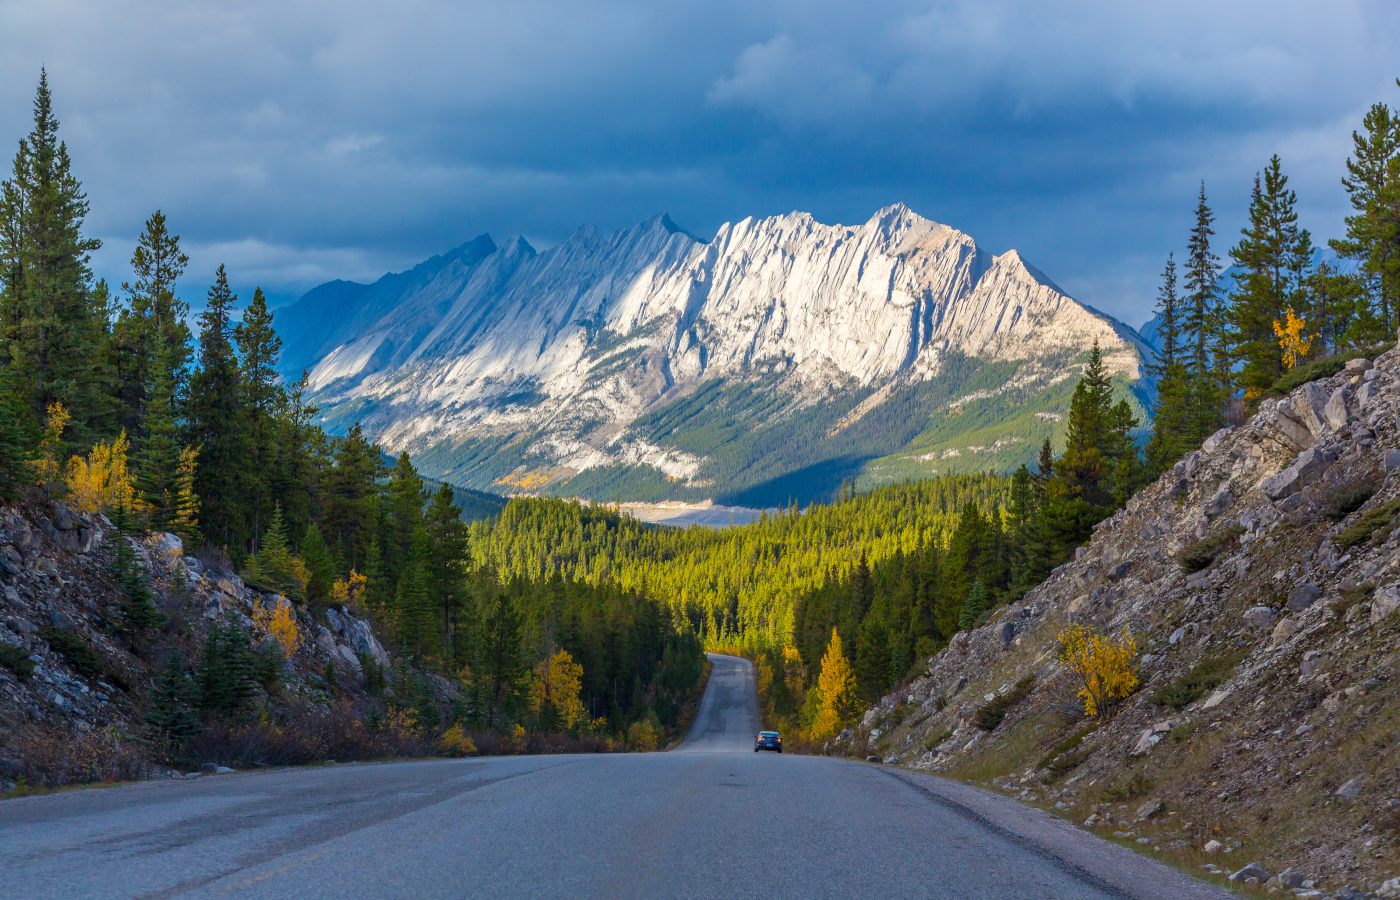 Natur- und Tierwelt im Westen Kanadas